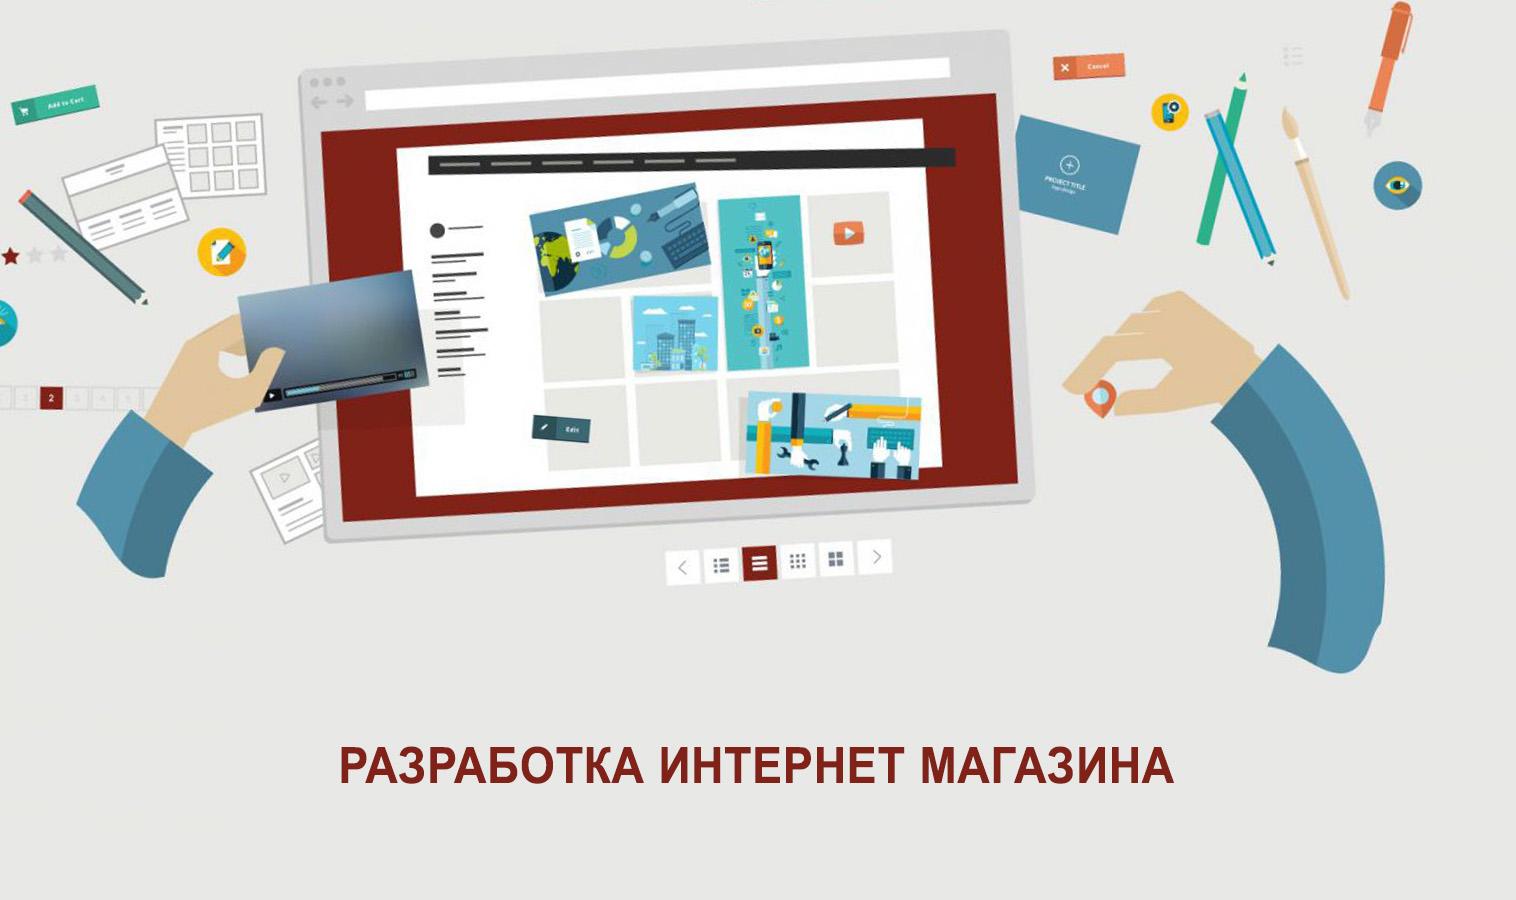 Разработка дизайна интернет магазина. Тренды, которые будут жить в 2019